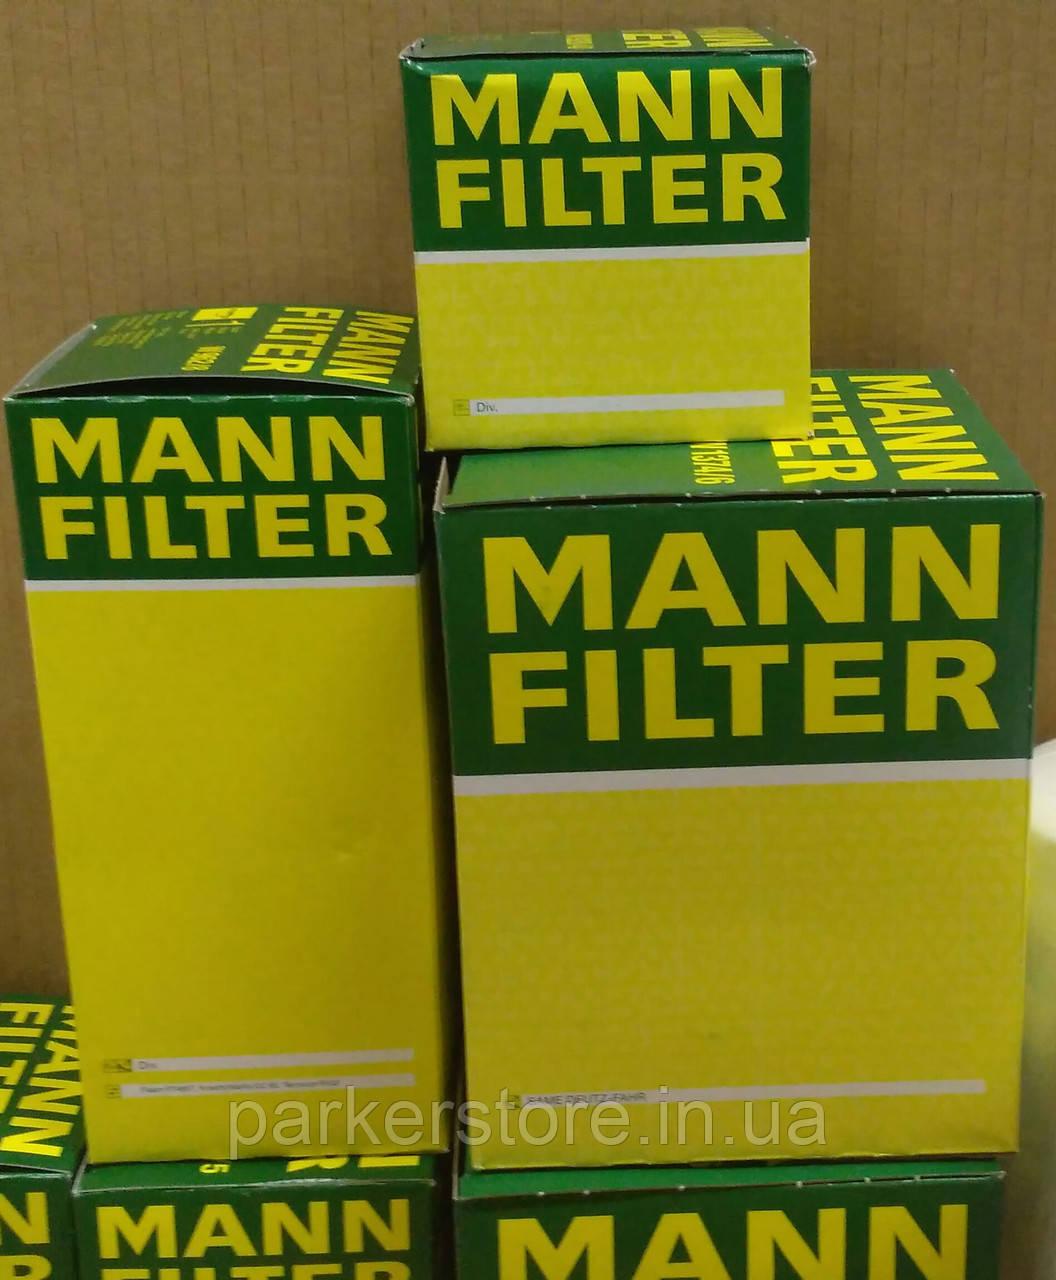 MANN FILTER / Повітряний фільтр / C 2339 / C2339